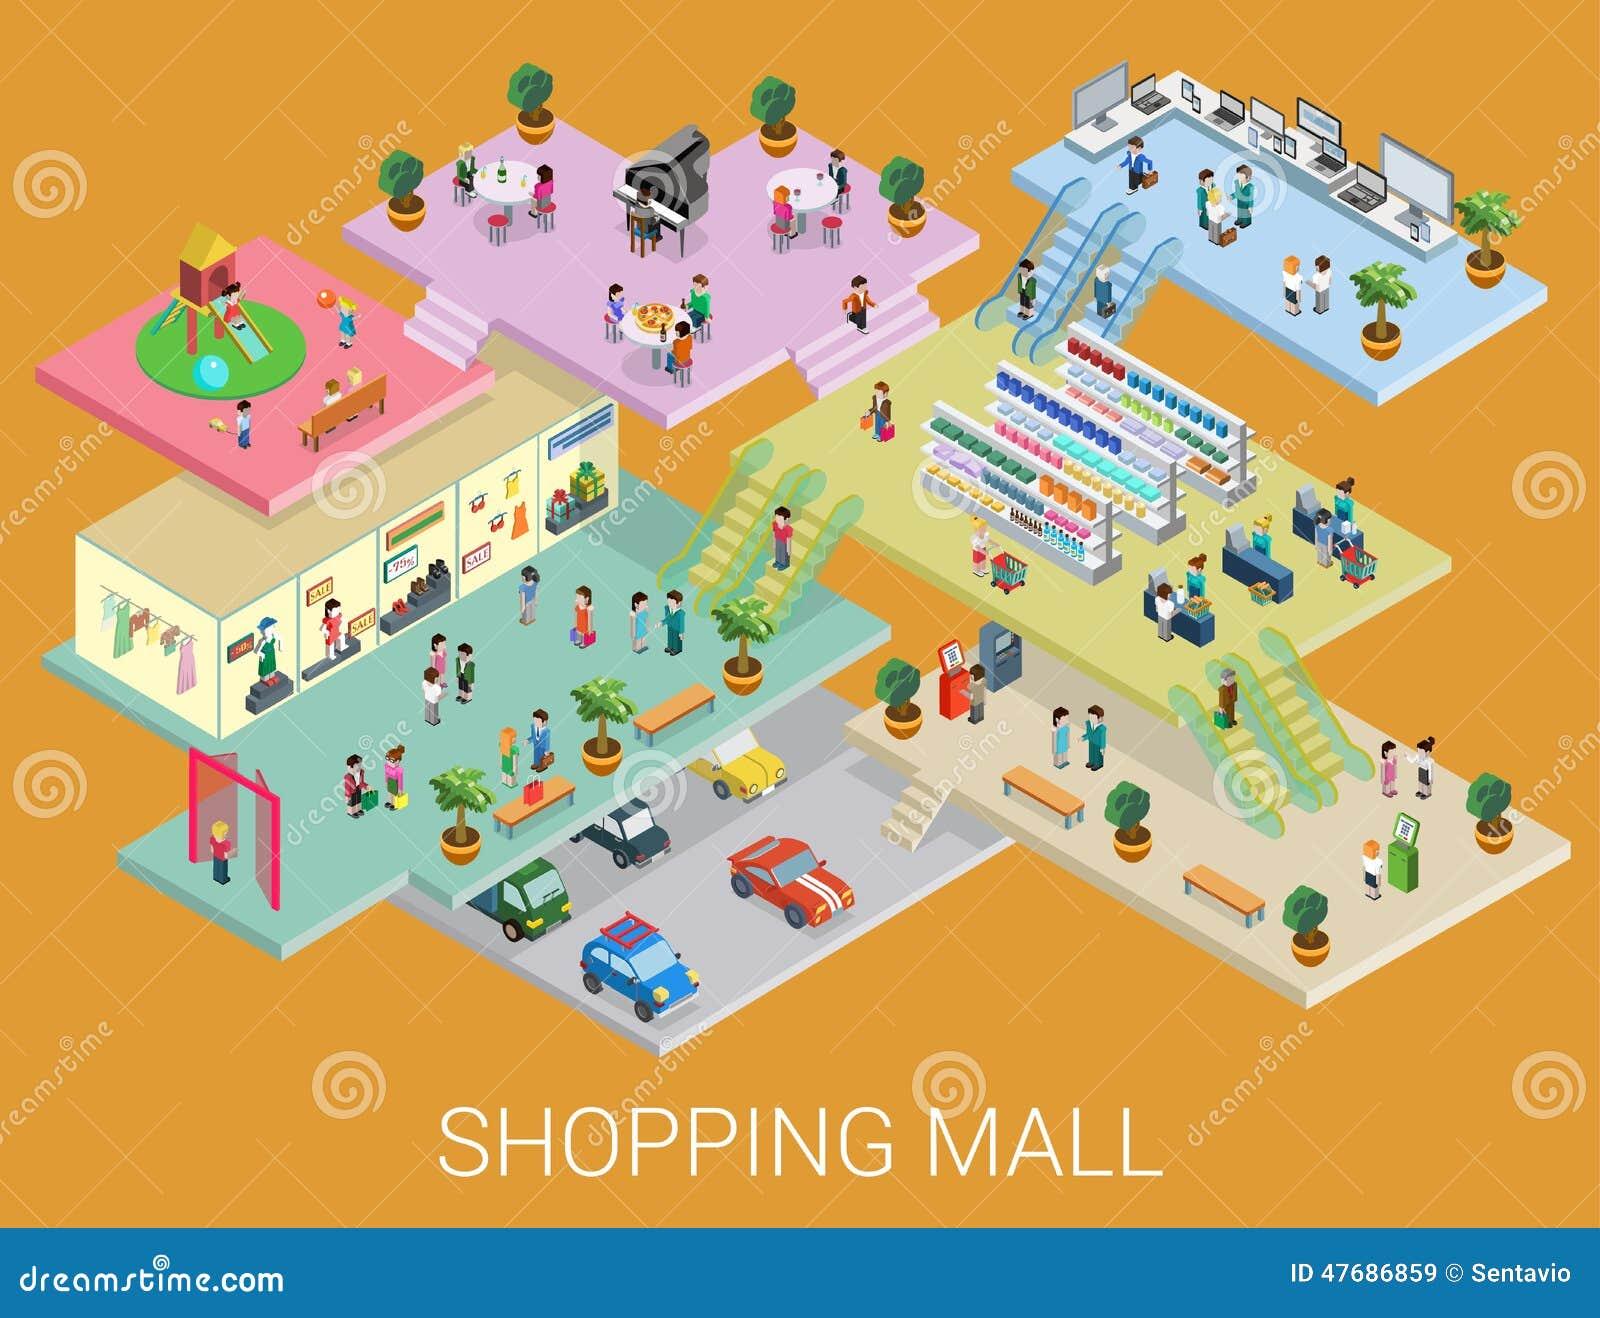 Vecteur isométrique plat de concept de centre commercial 3d